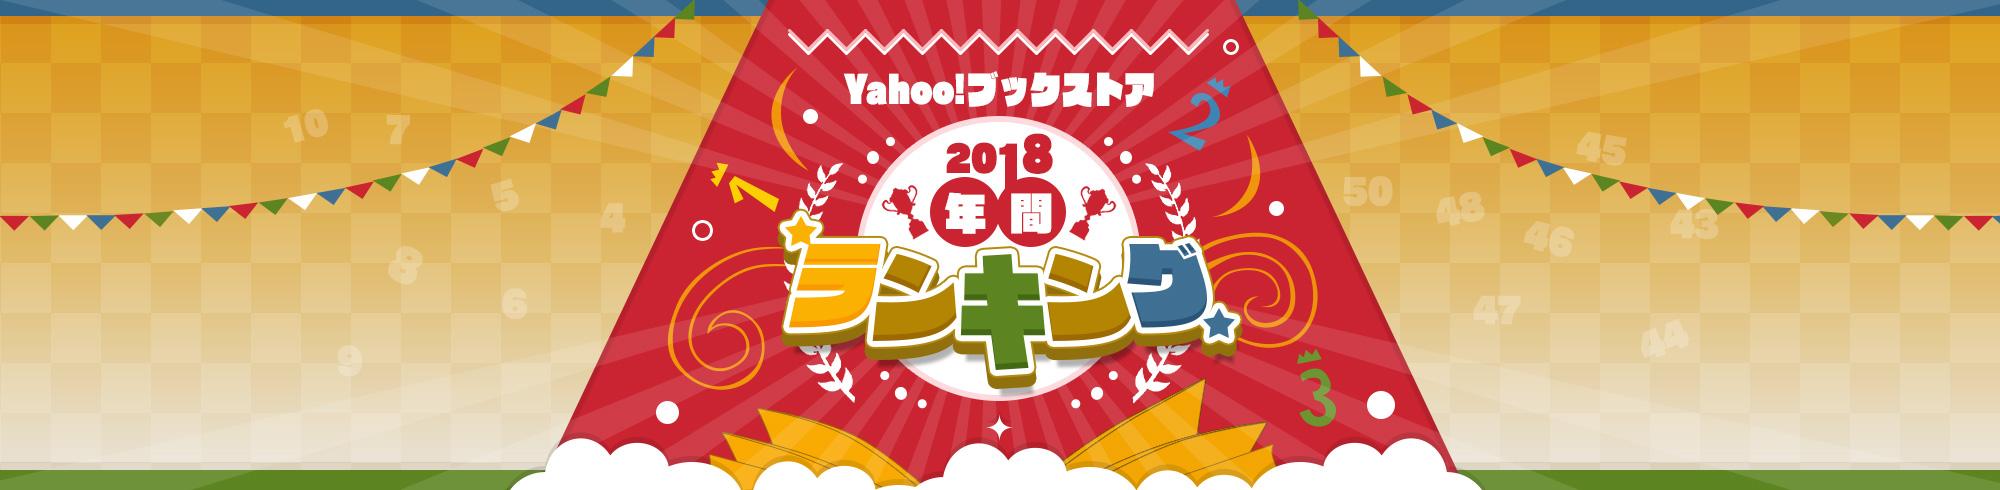 Yahoo!ブックストア 2018 ランキング